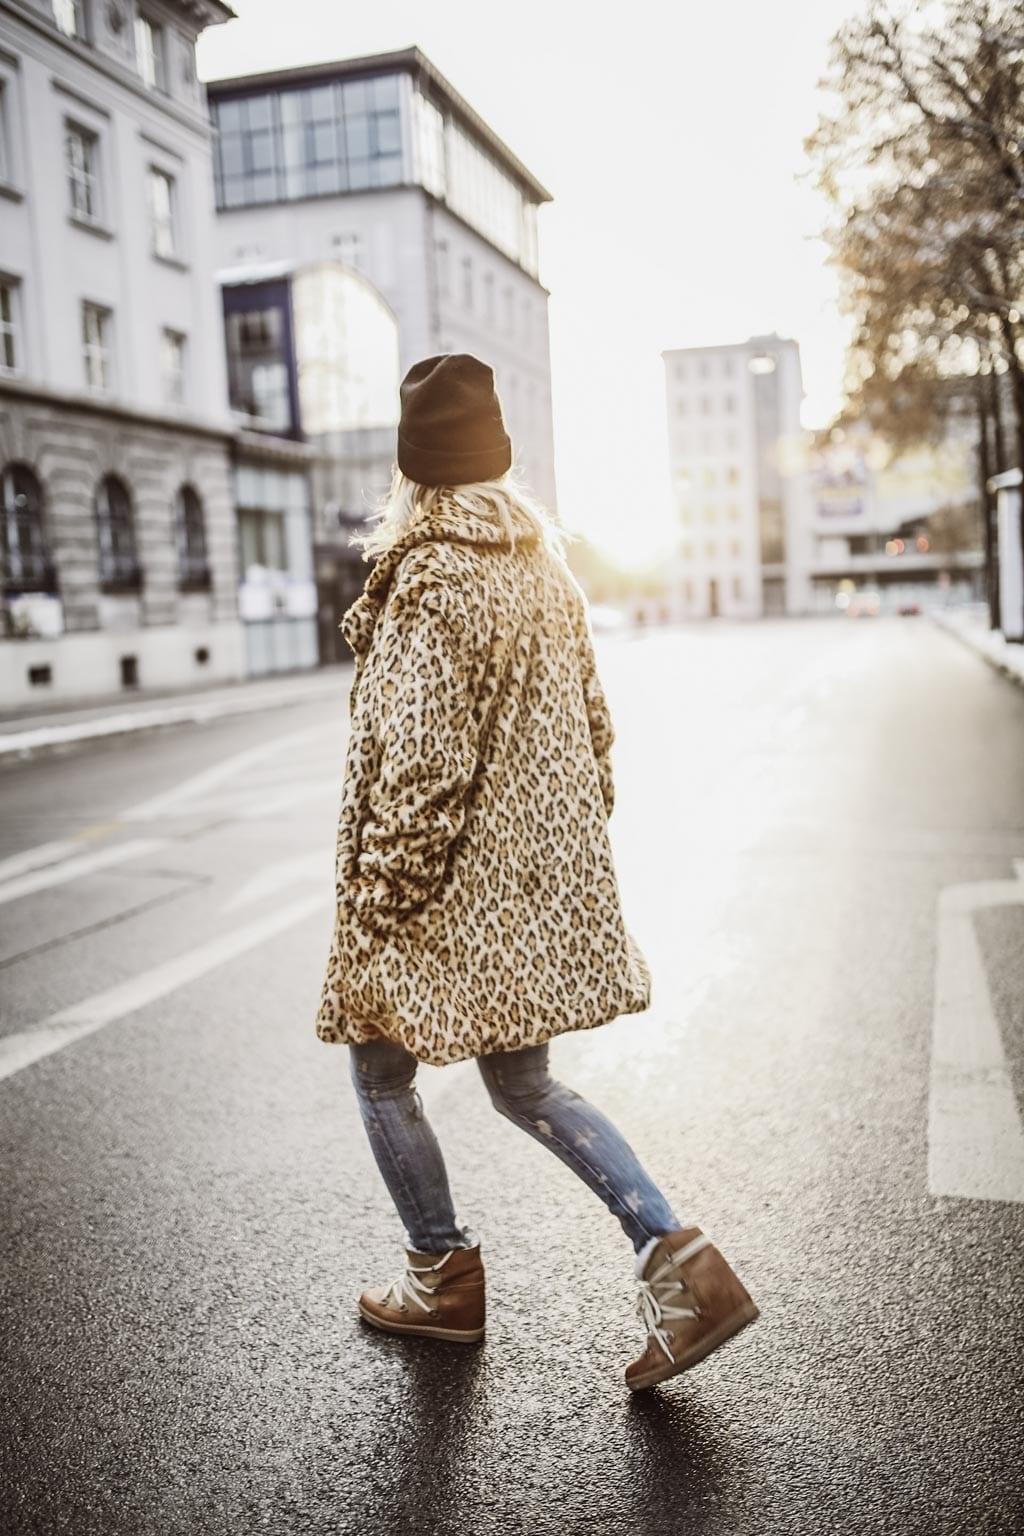 Karin Kaswurm im Leo-Outfit unterwegs in Augsburg